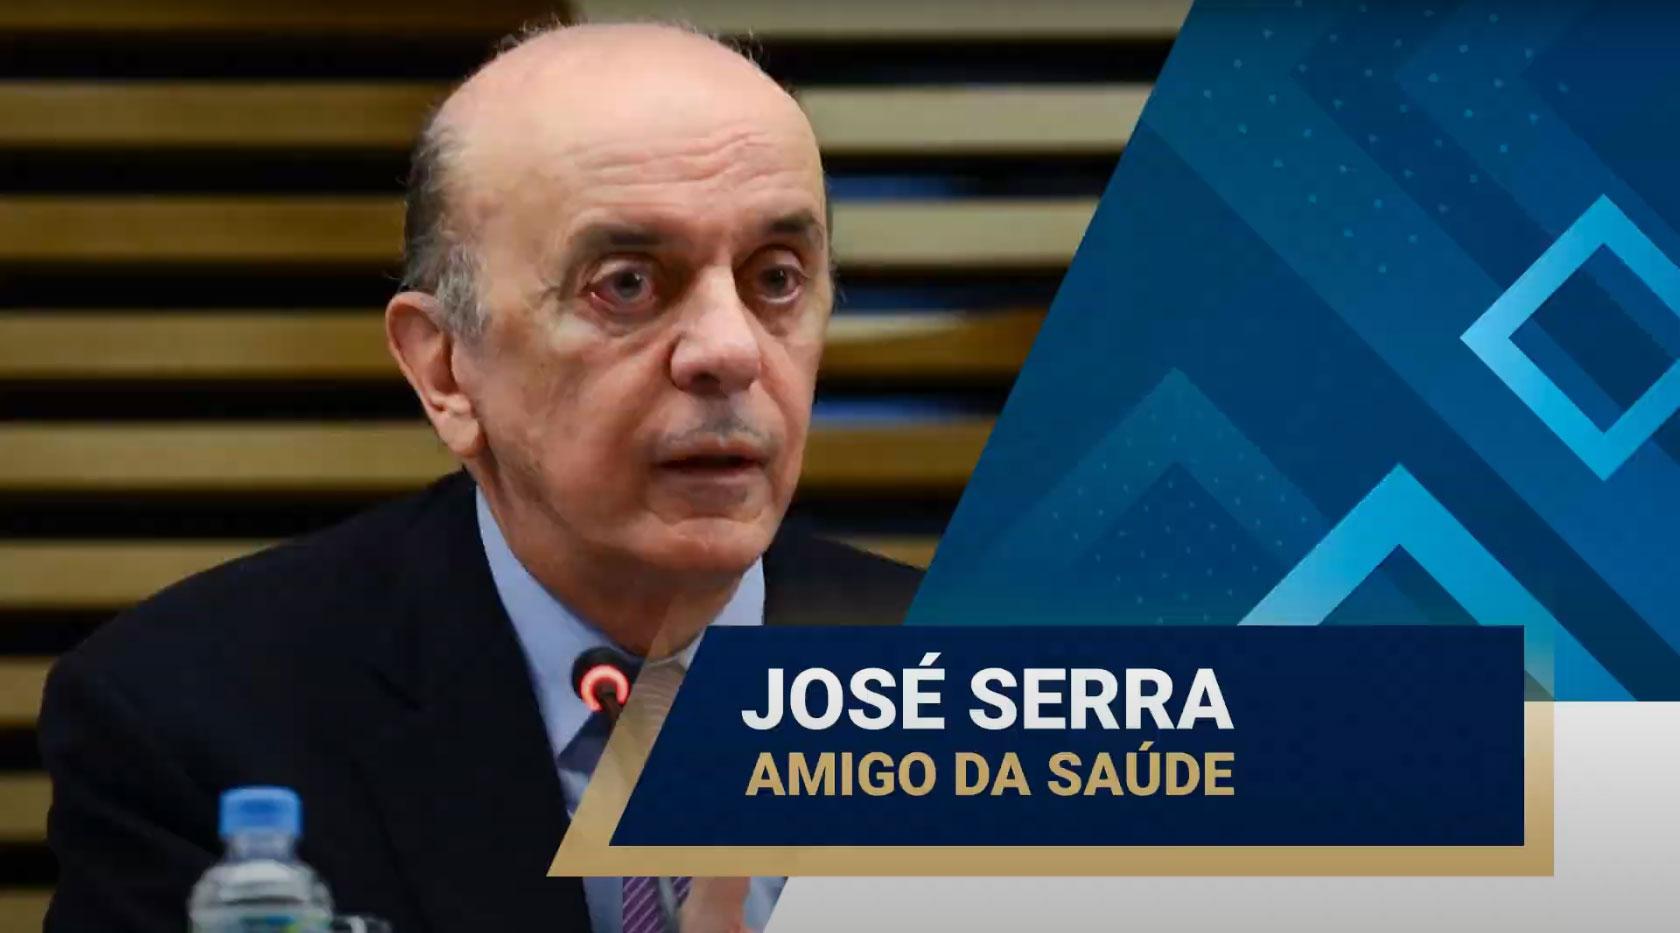 senador-jose-serra-e-amigo-da-saude - Acao Comunicativa